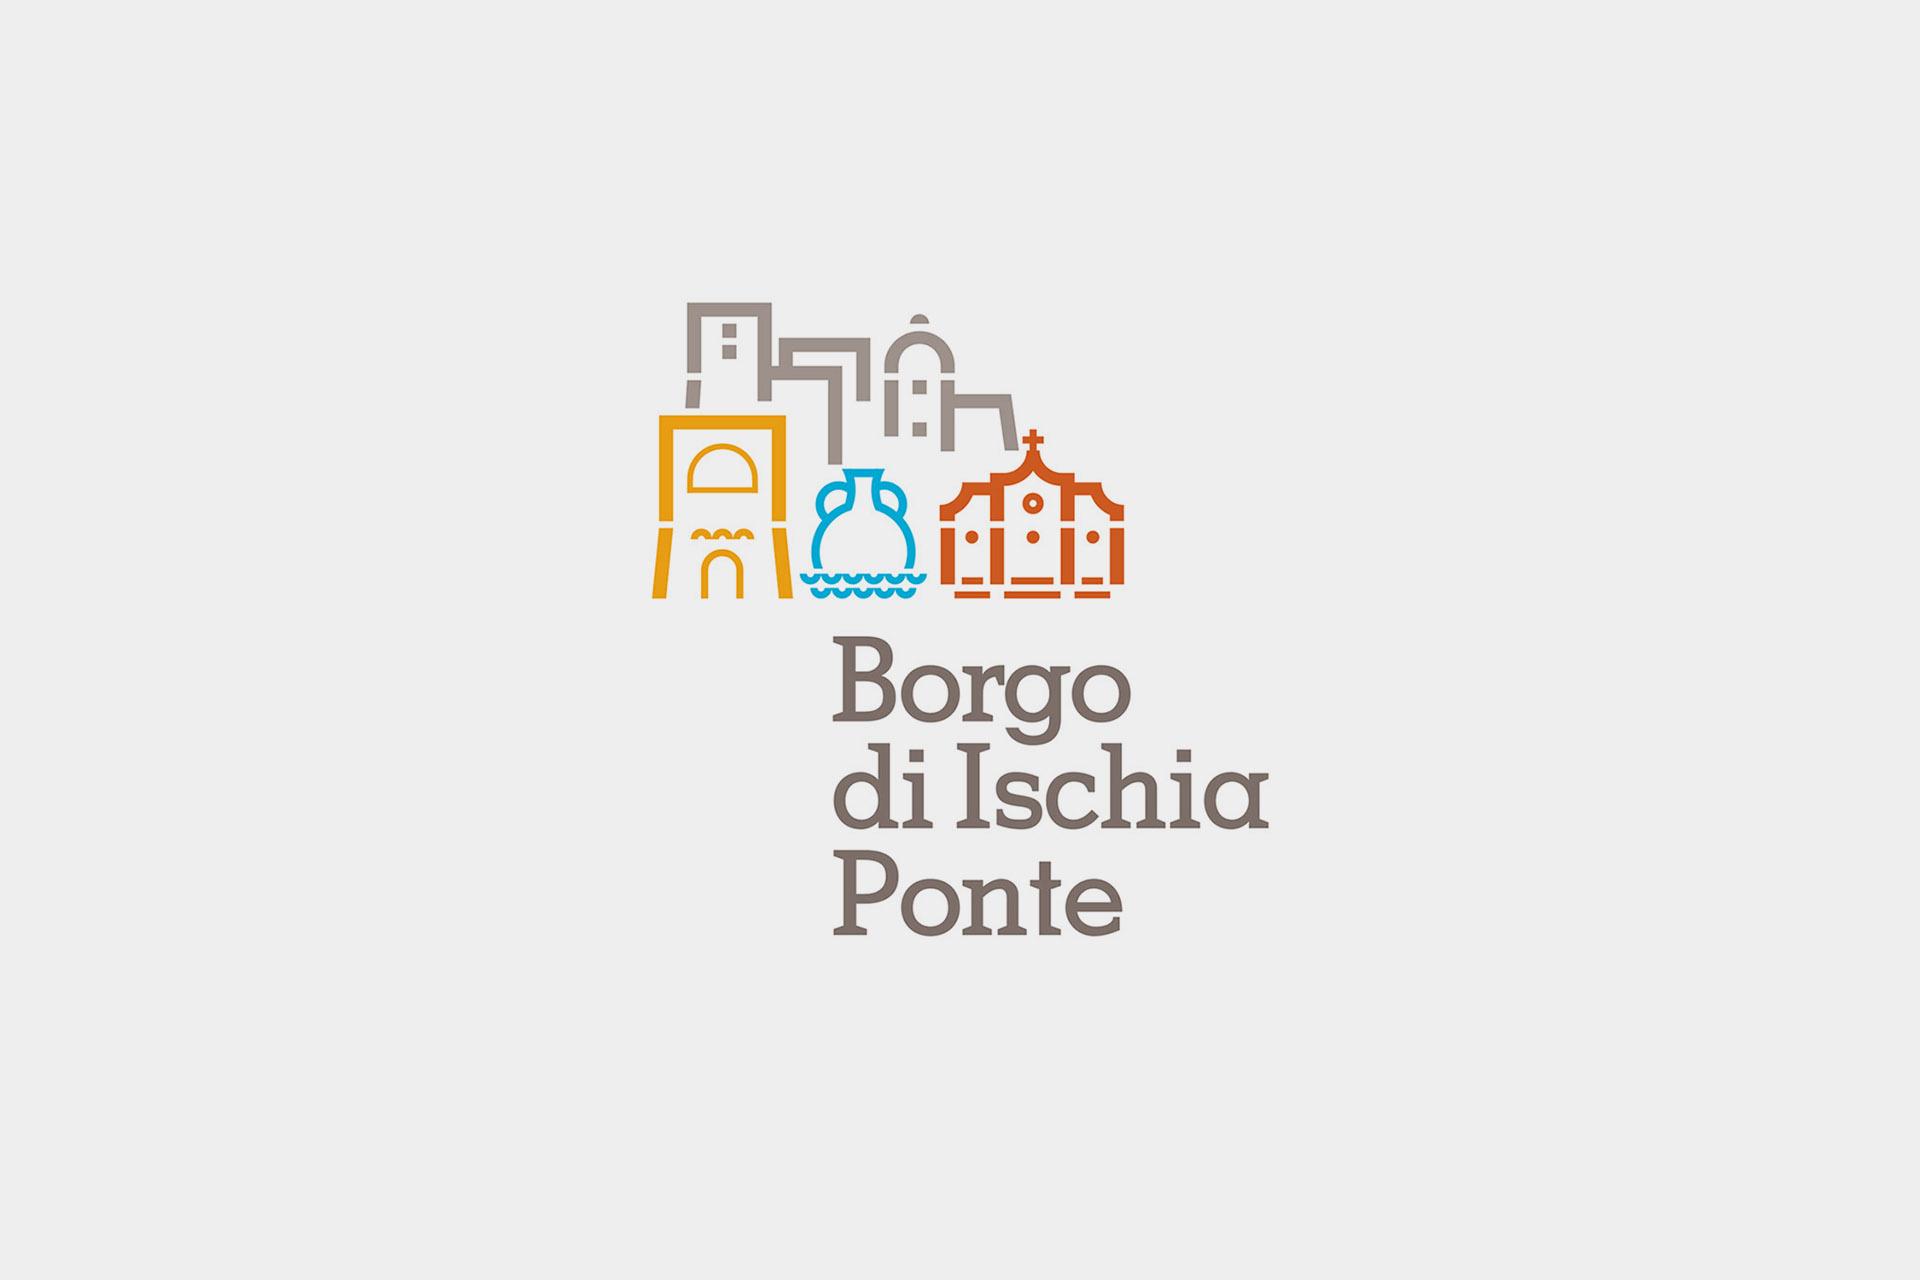 Borgo Ischia Ponte - logo